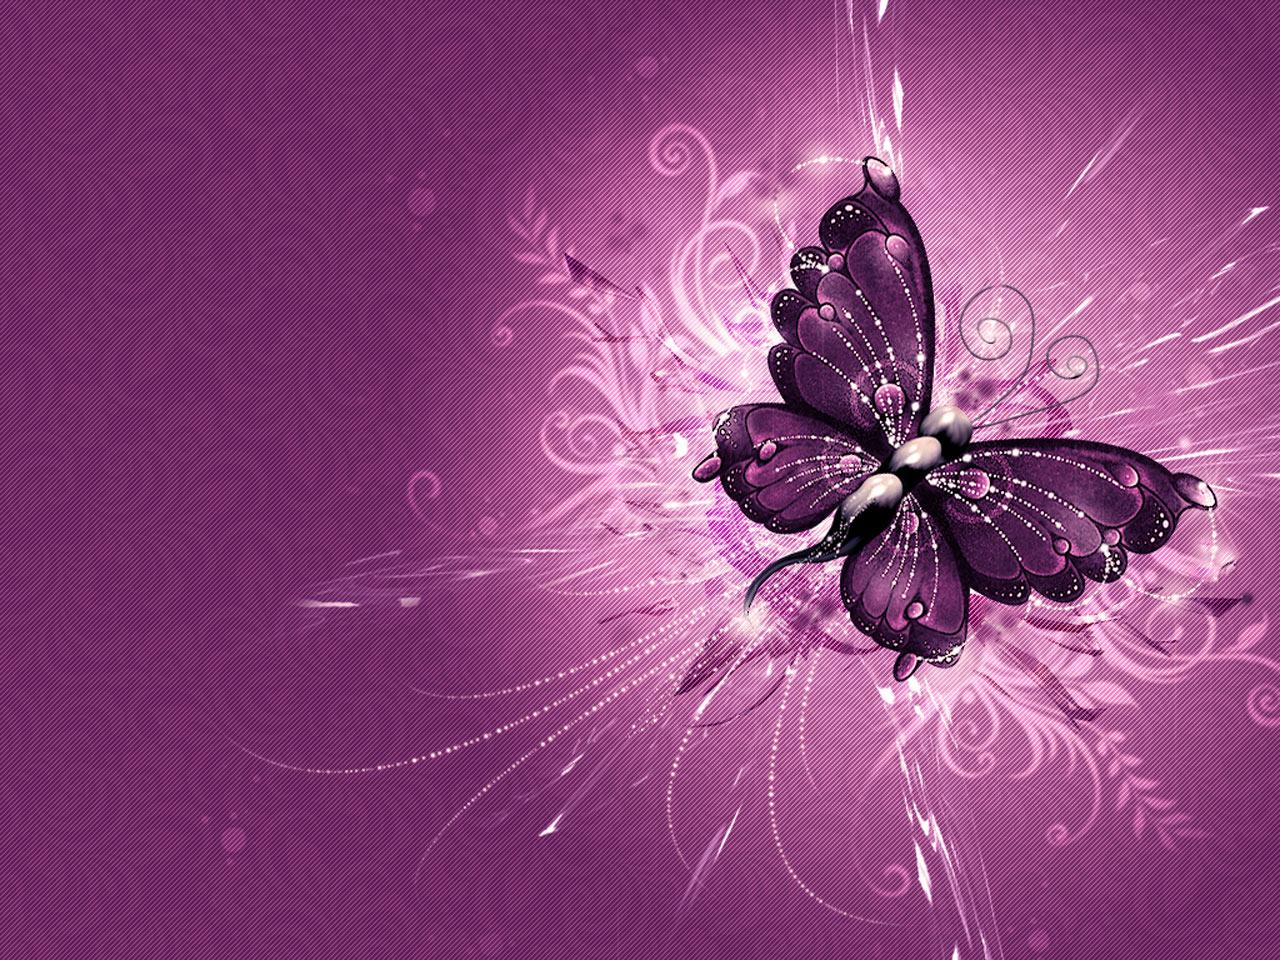 Butterfly Wallpaper 3D Wallpaper Nature Wallpaper Download 1280x960